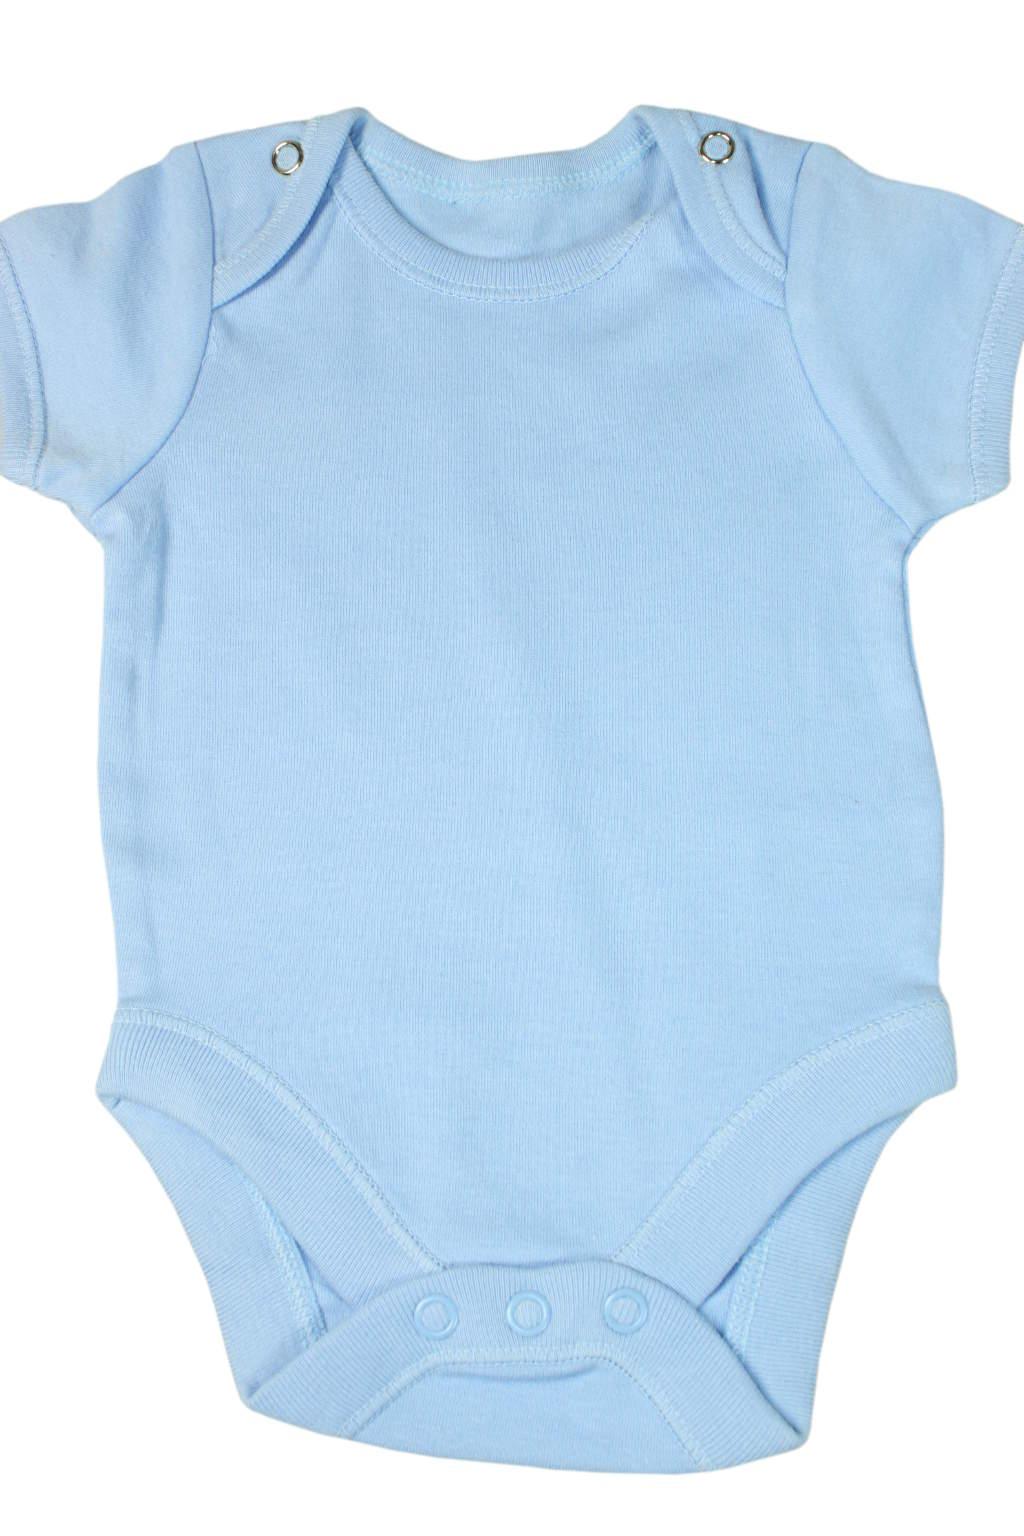 Davino dětské body 0-3 měs modrá